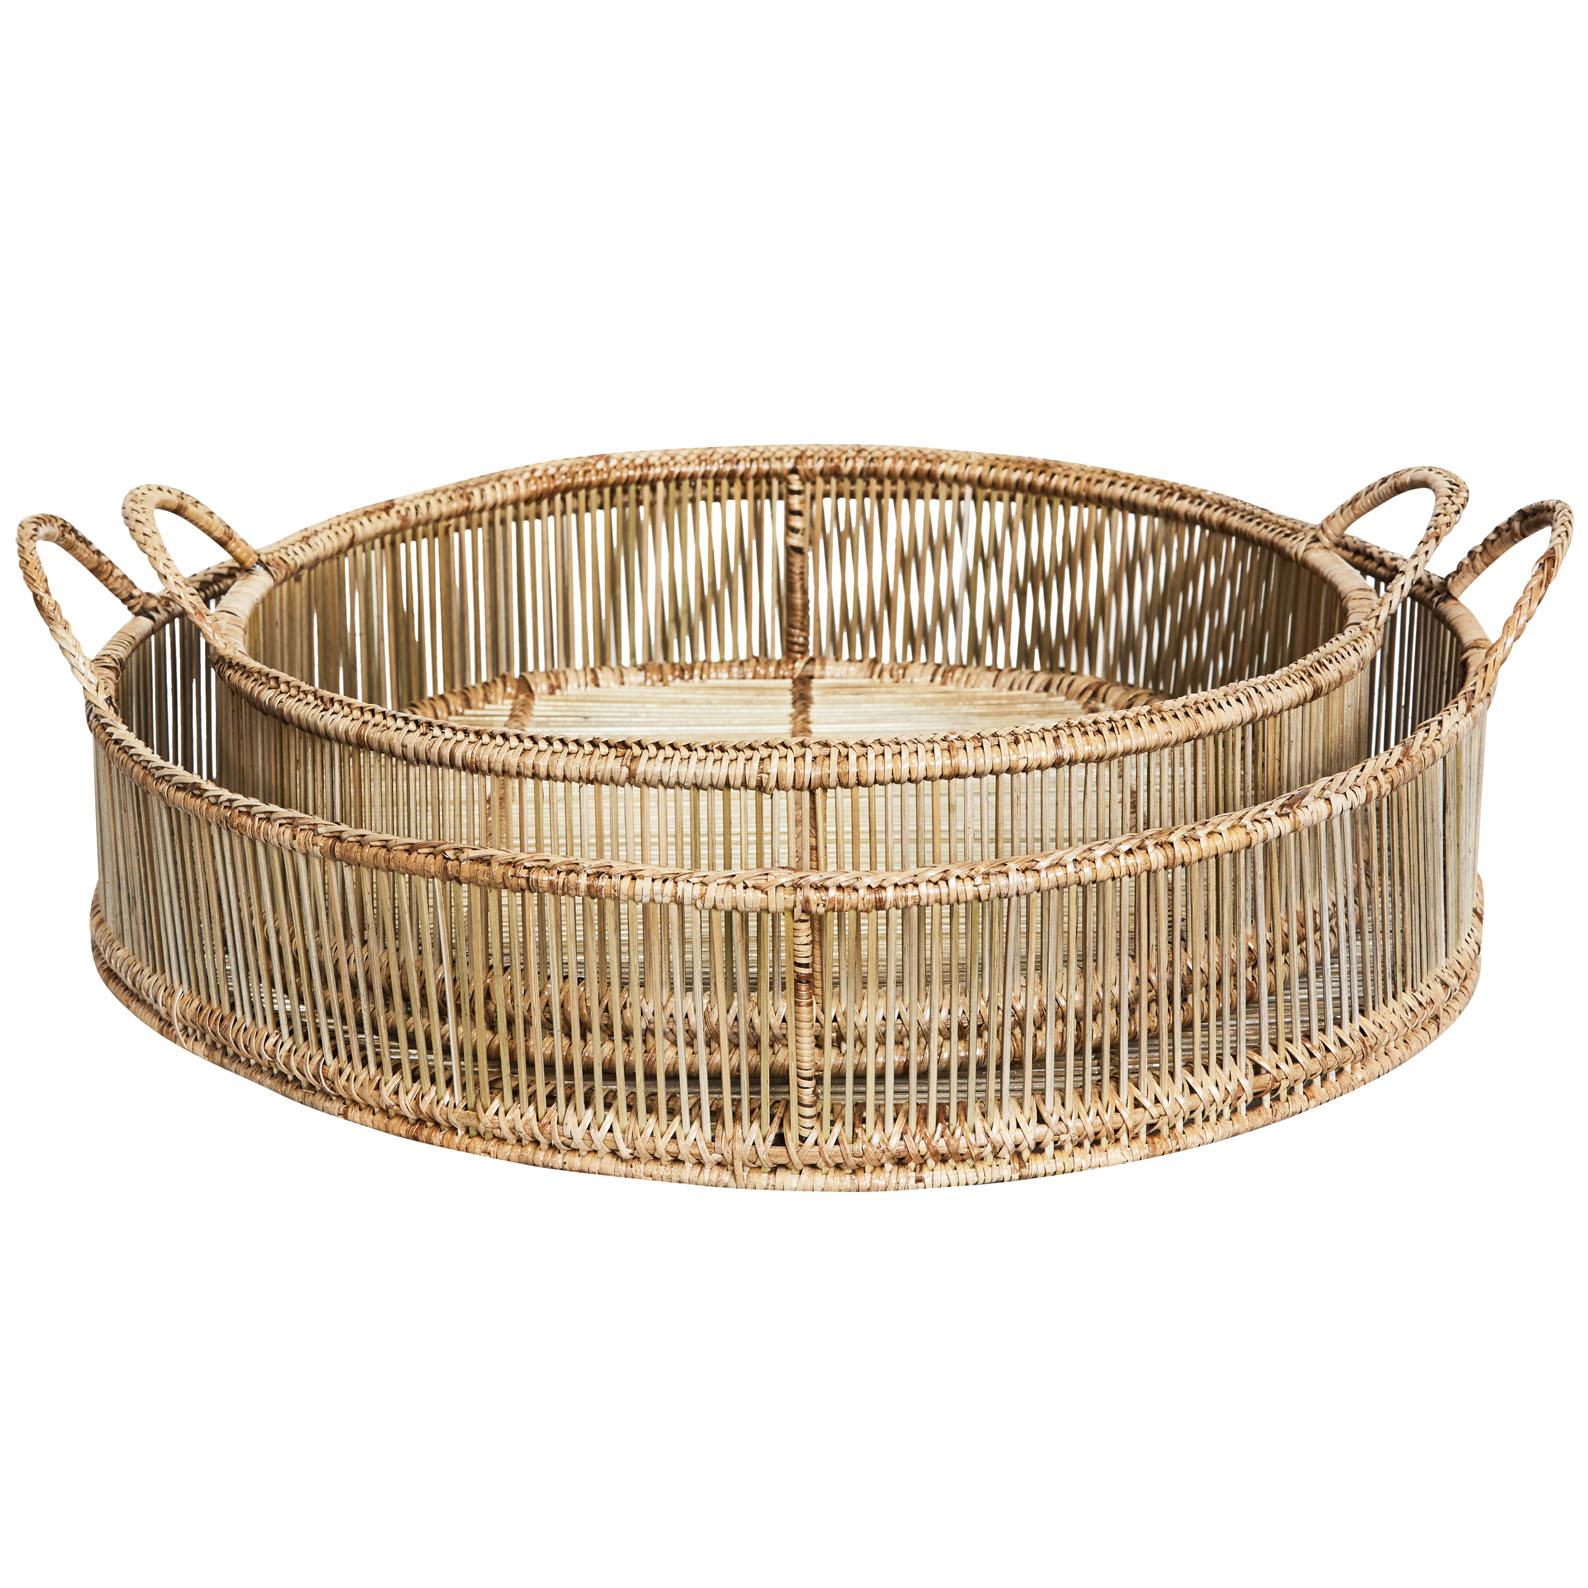 Pavillion zahara trays set/2 -